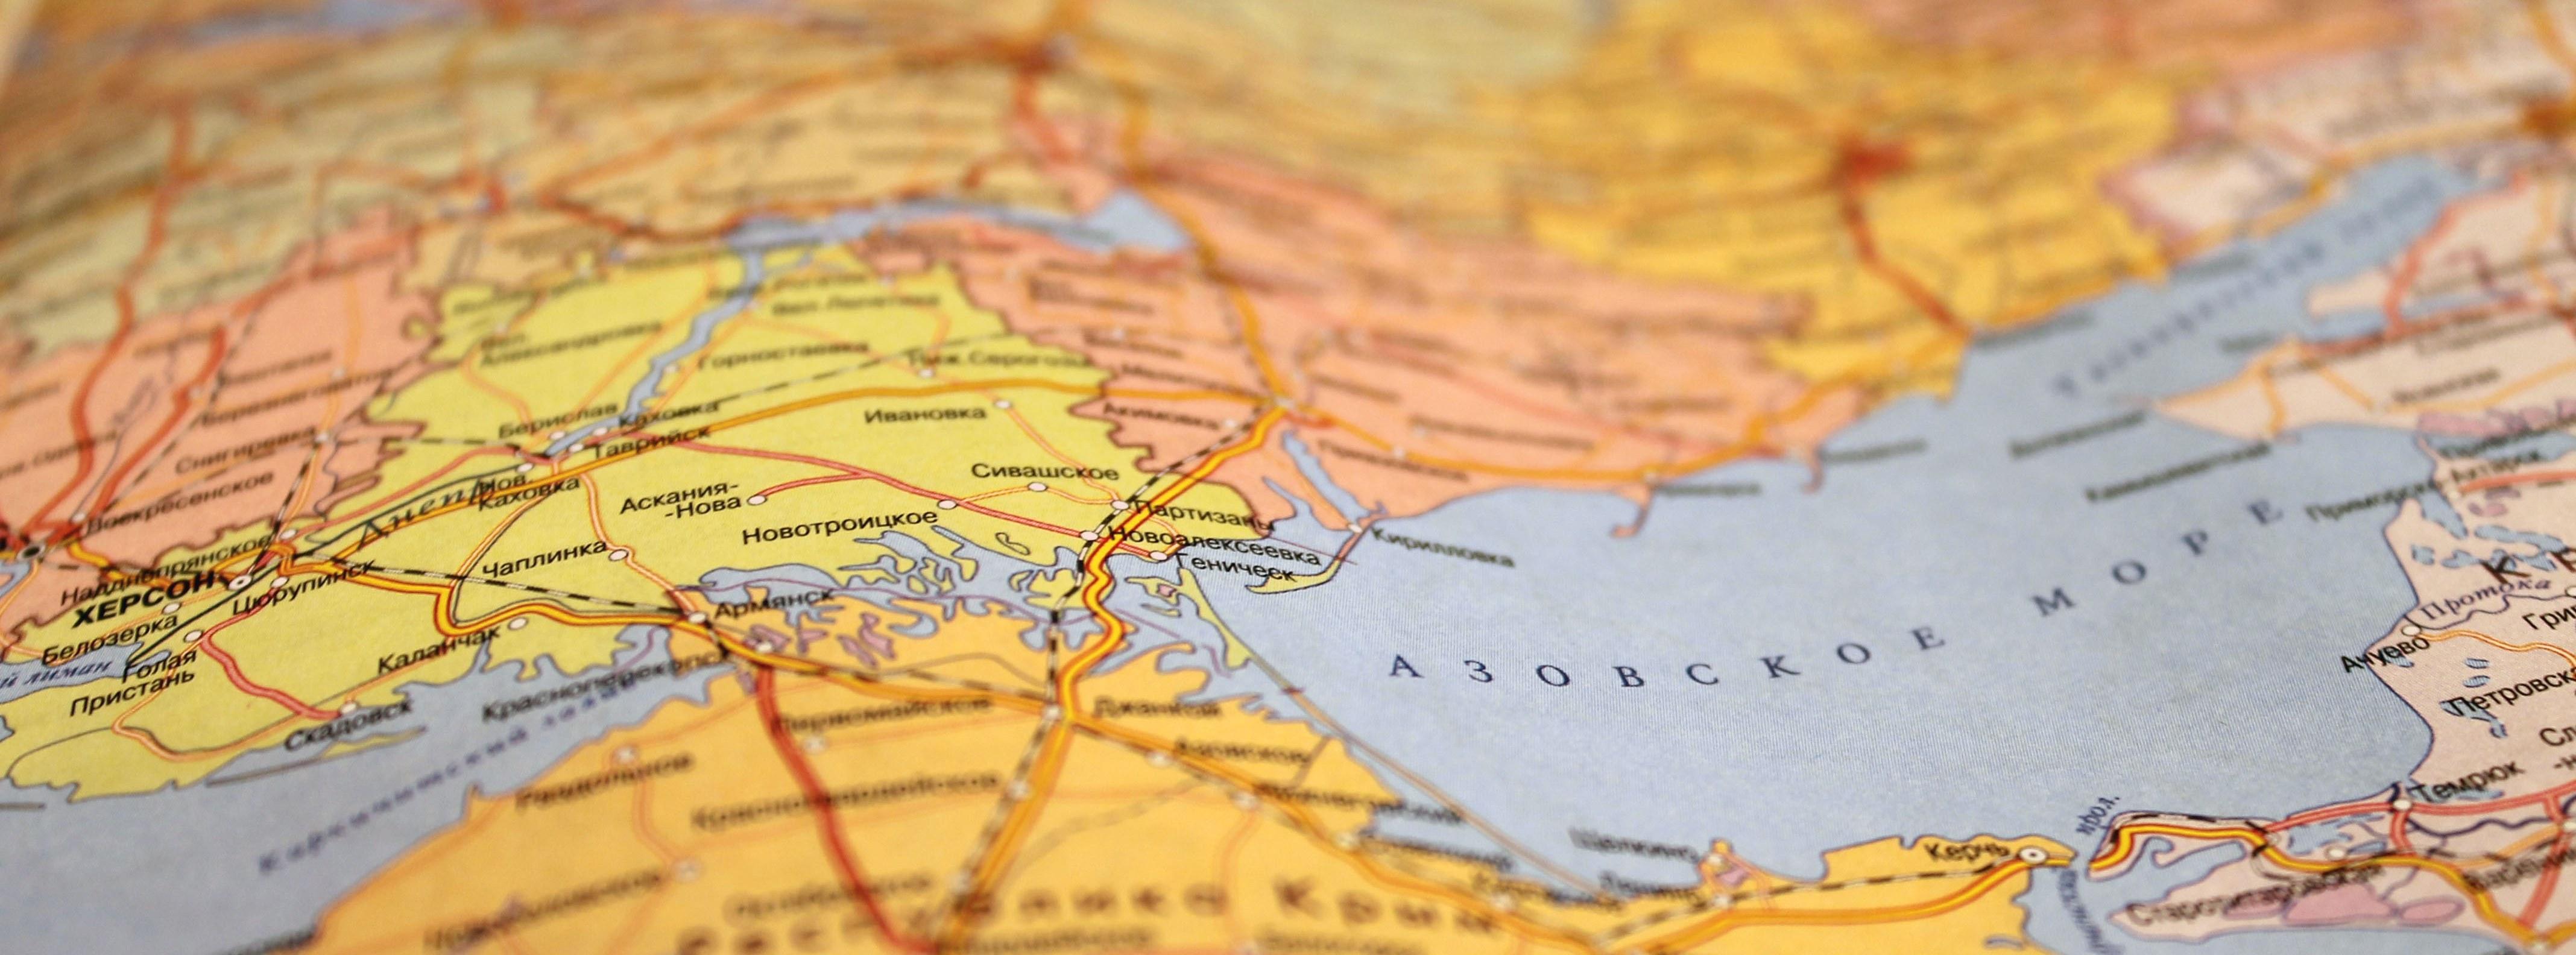 Проведение во всех регионах Украины